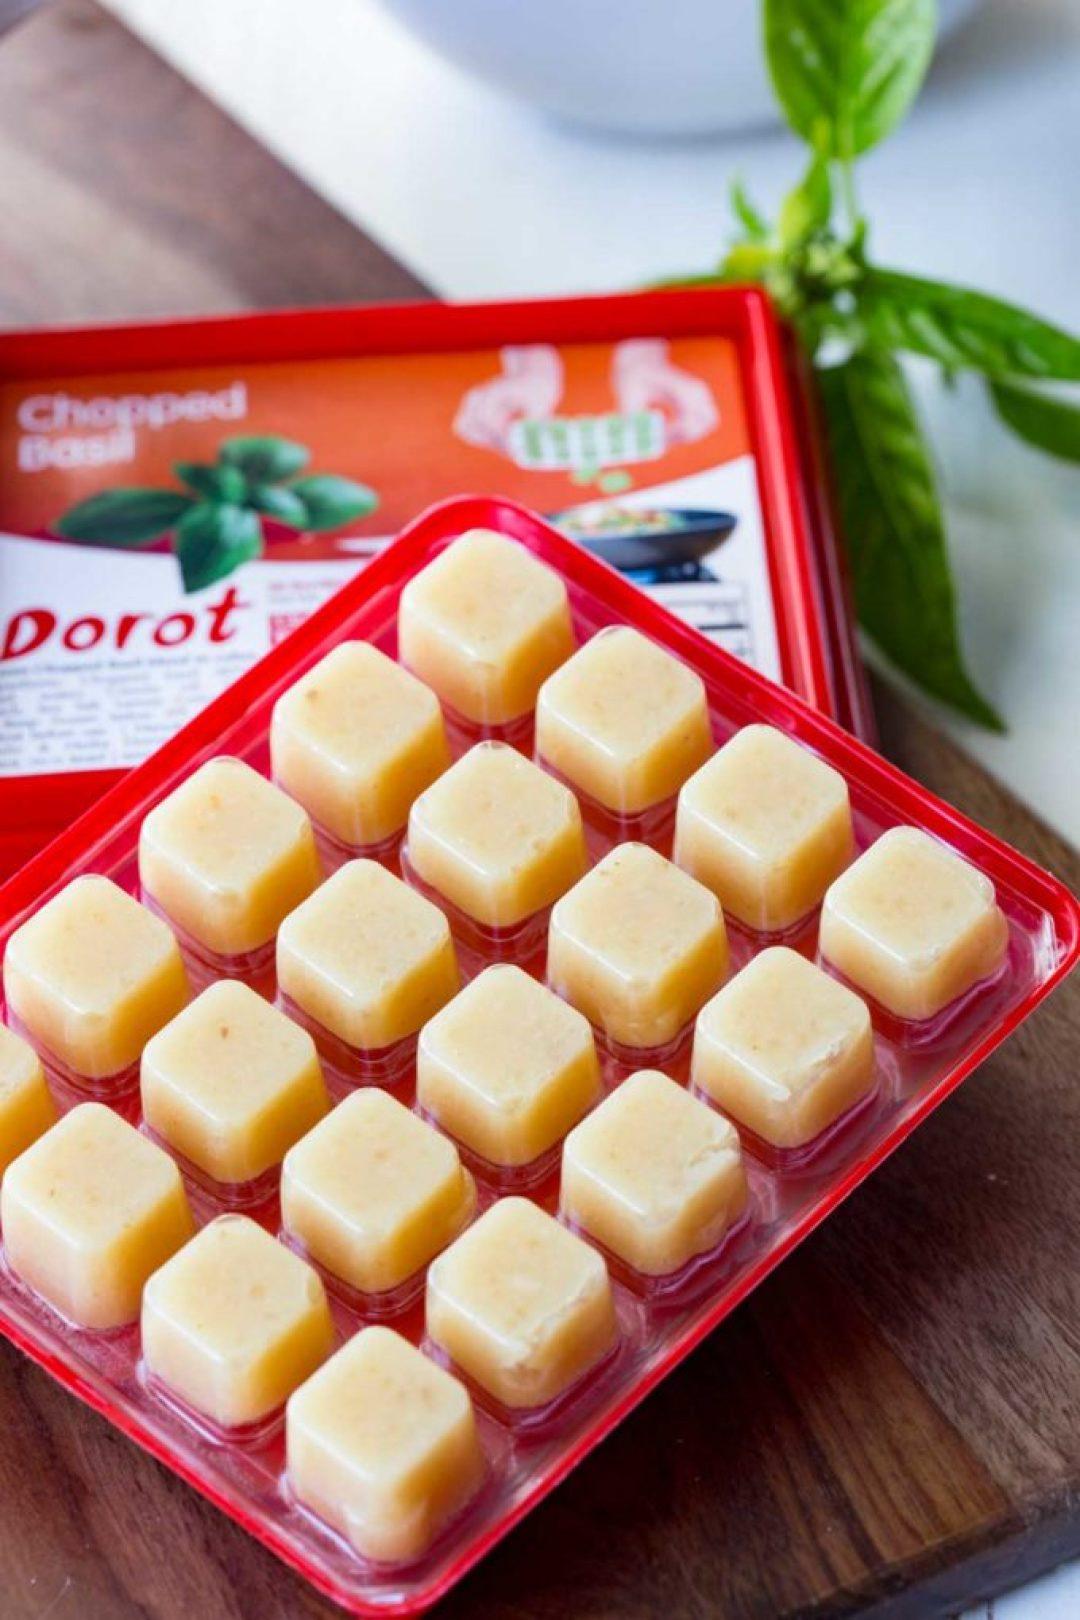 Dorot makes fresh herbs easy